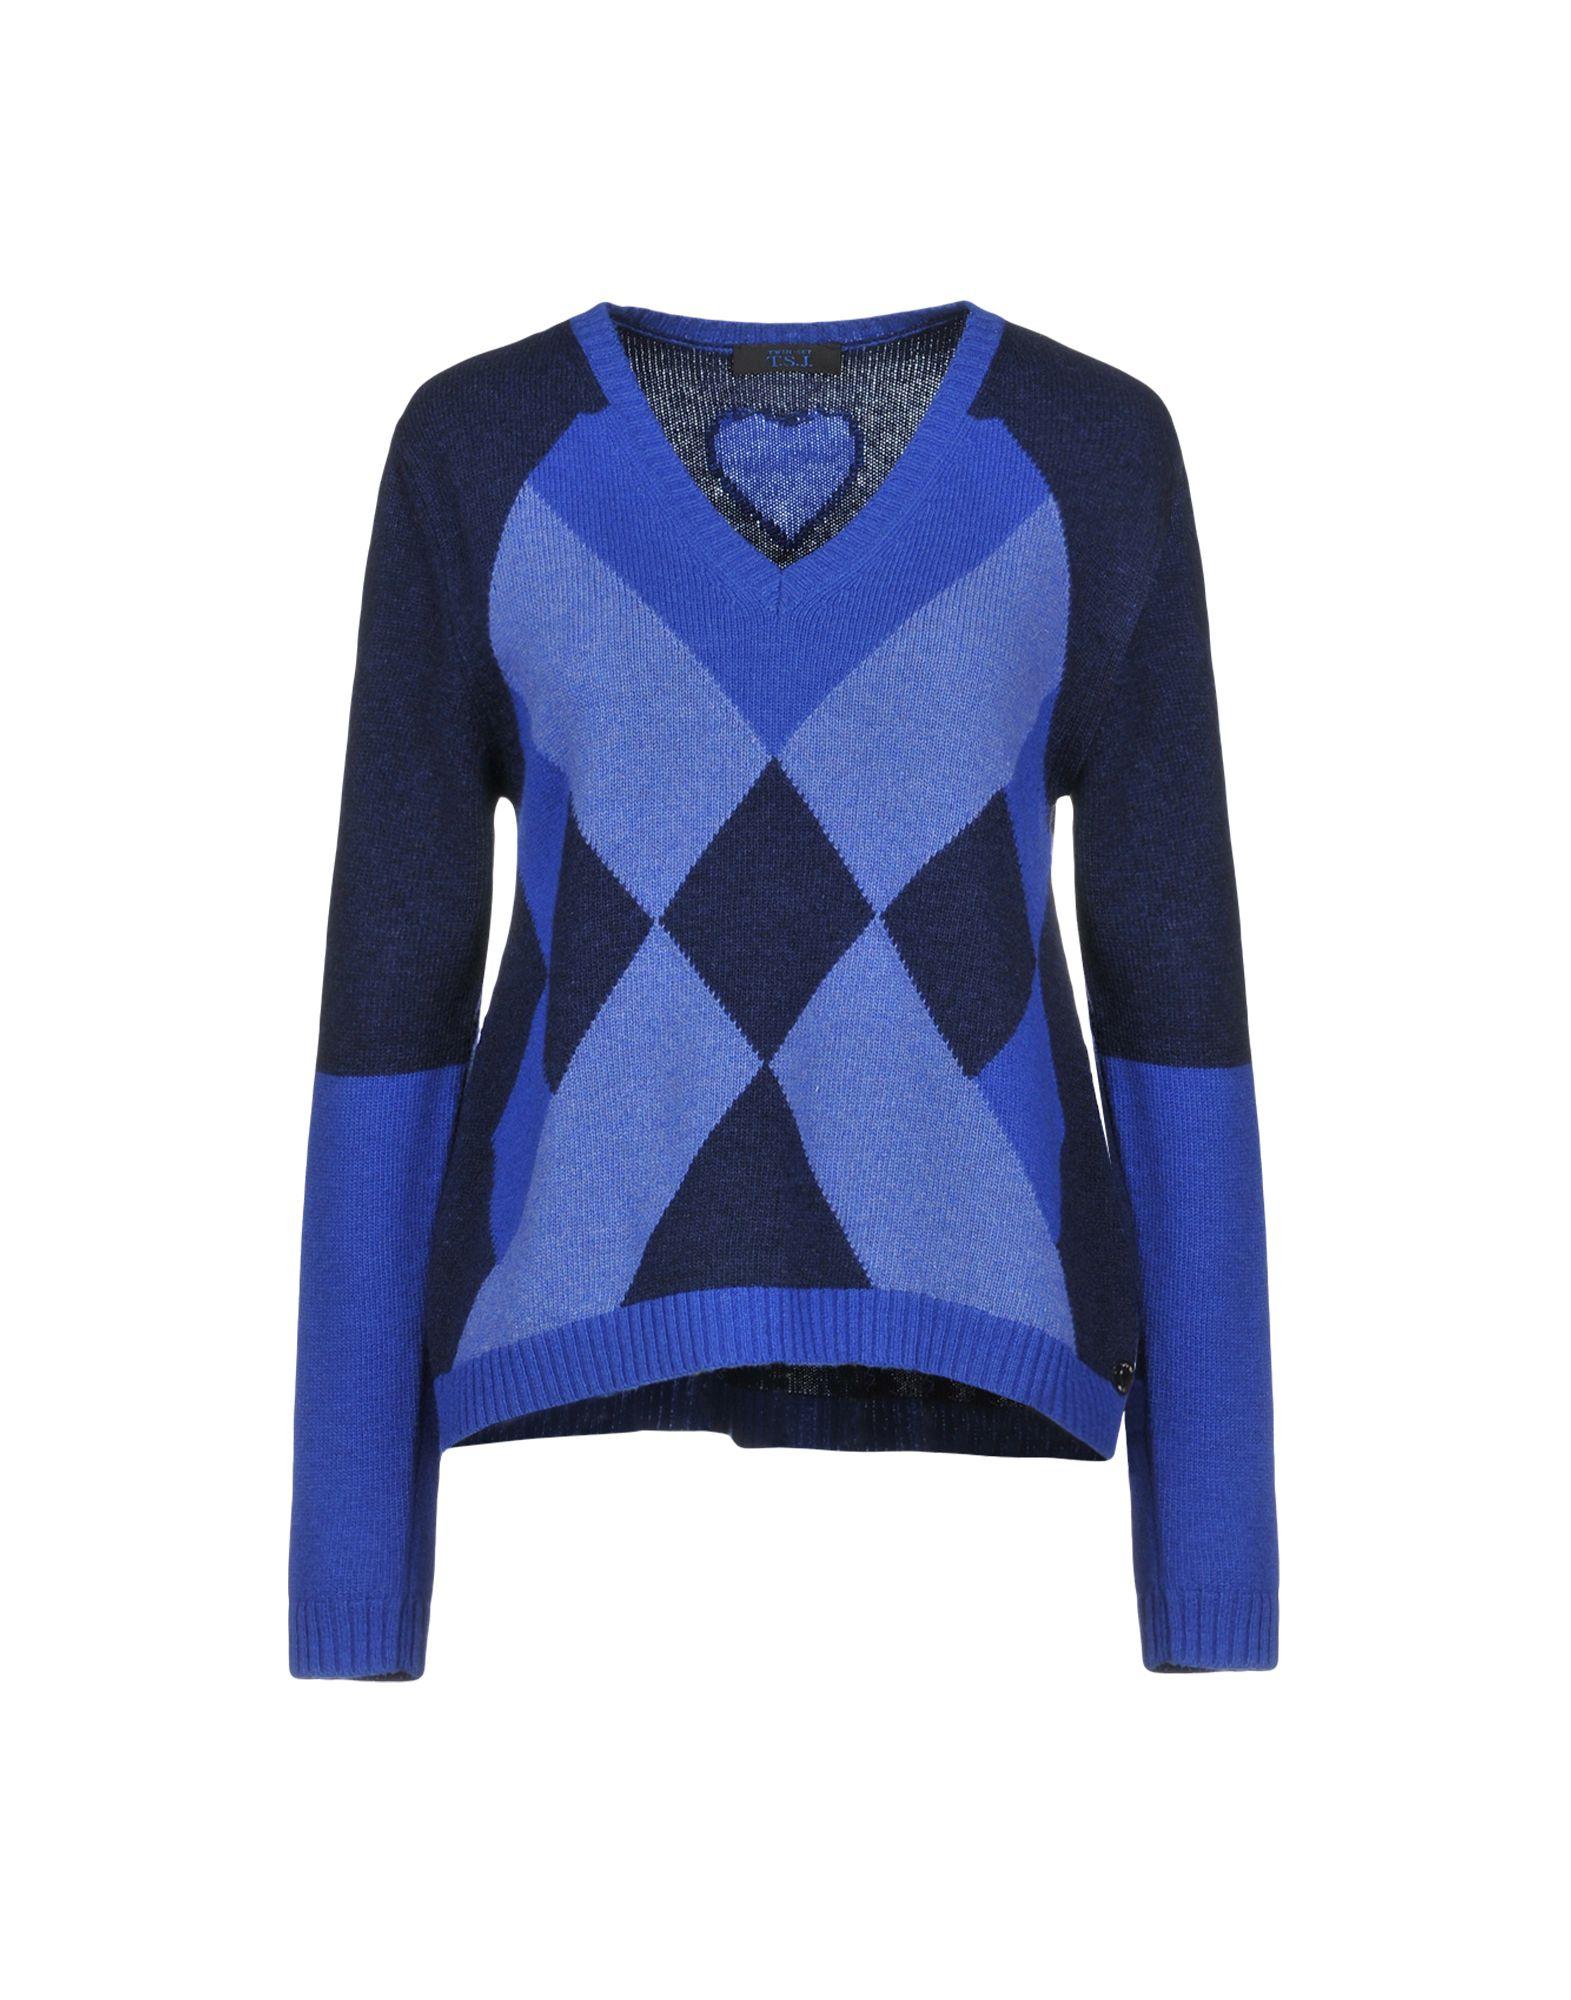 TWIN-SET JEANS Sweater in Blue